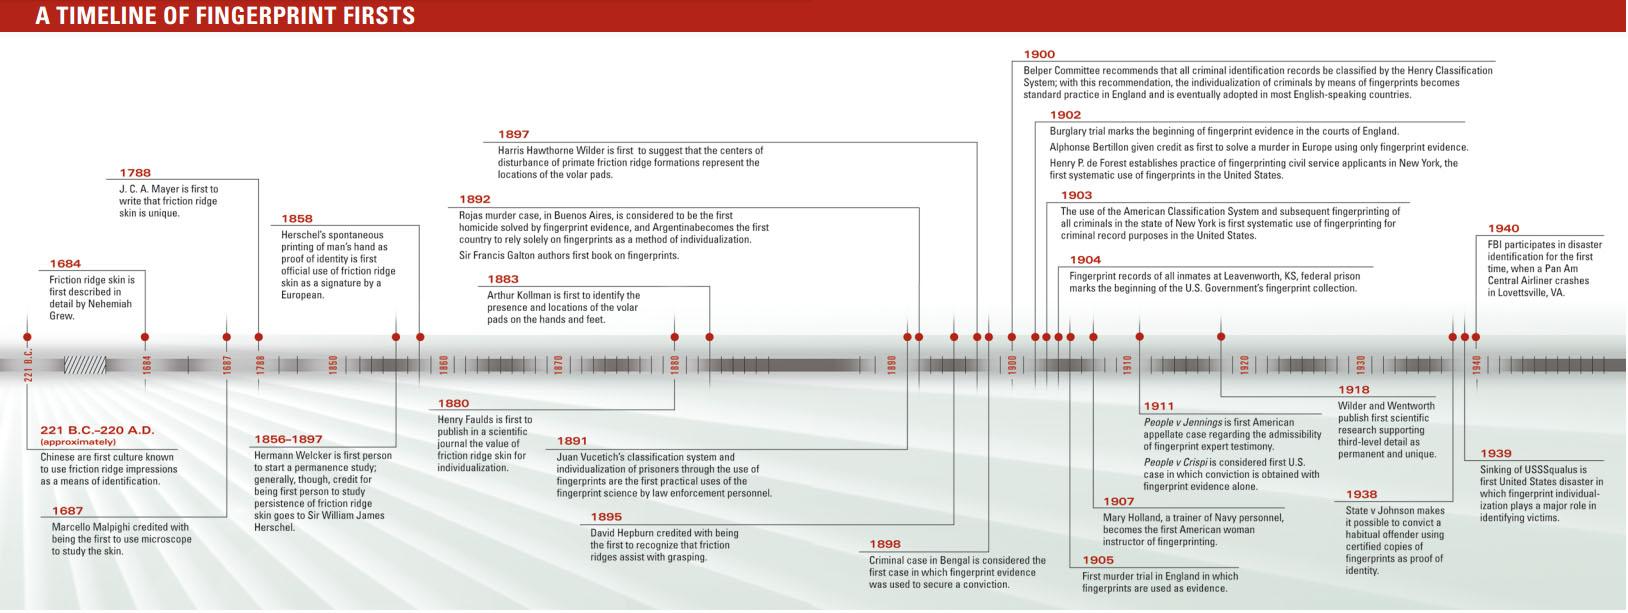 The Fingerprint Sourcebook: a timeline of fingerprints firsts.